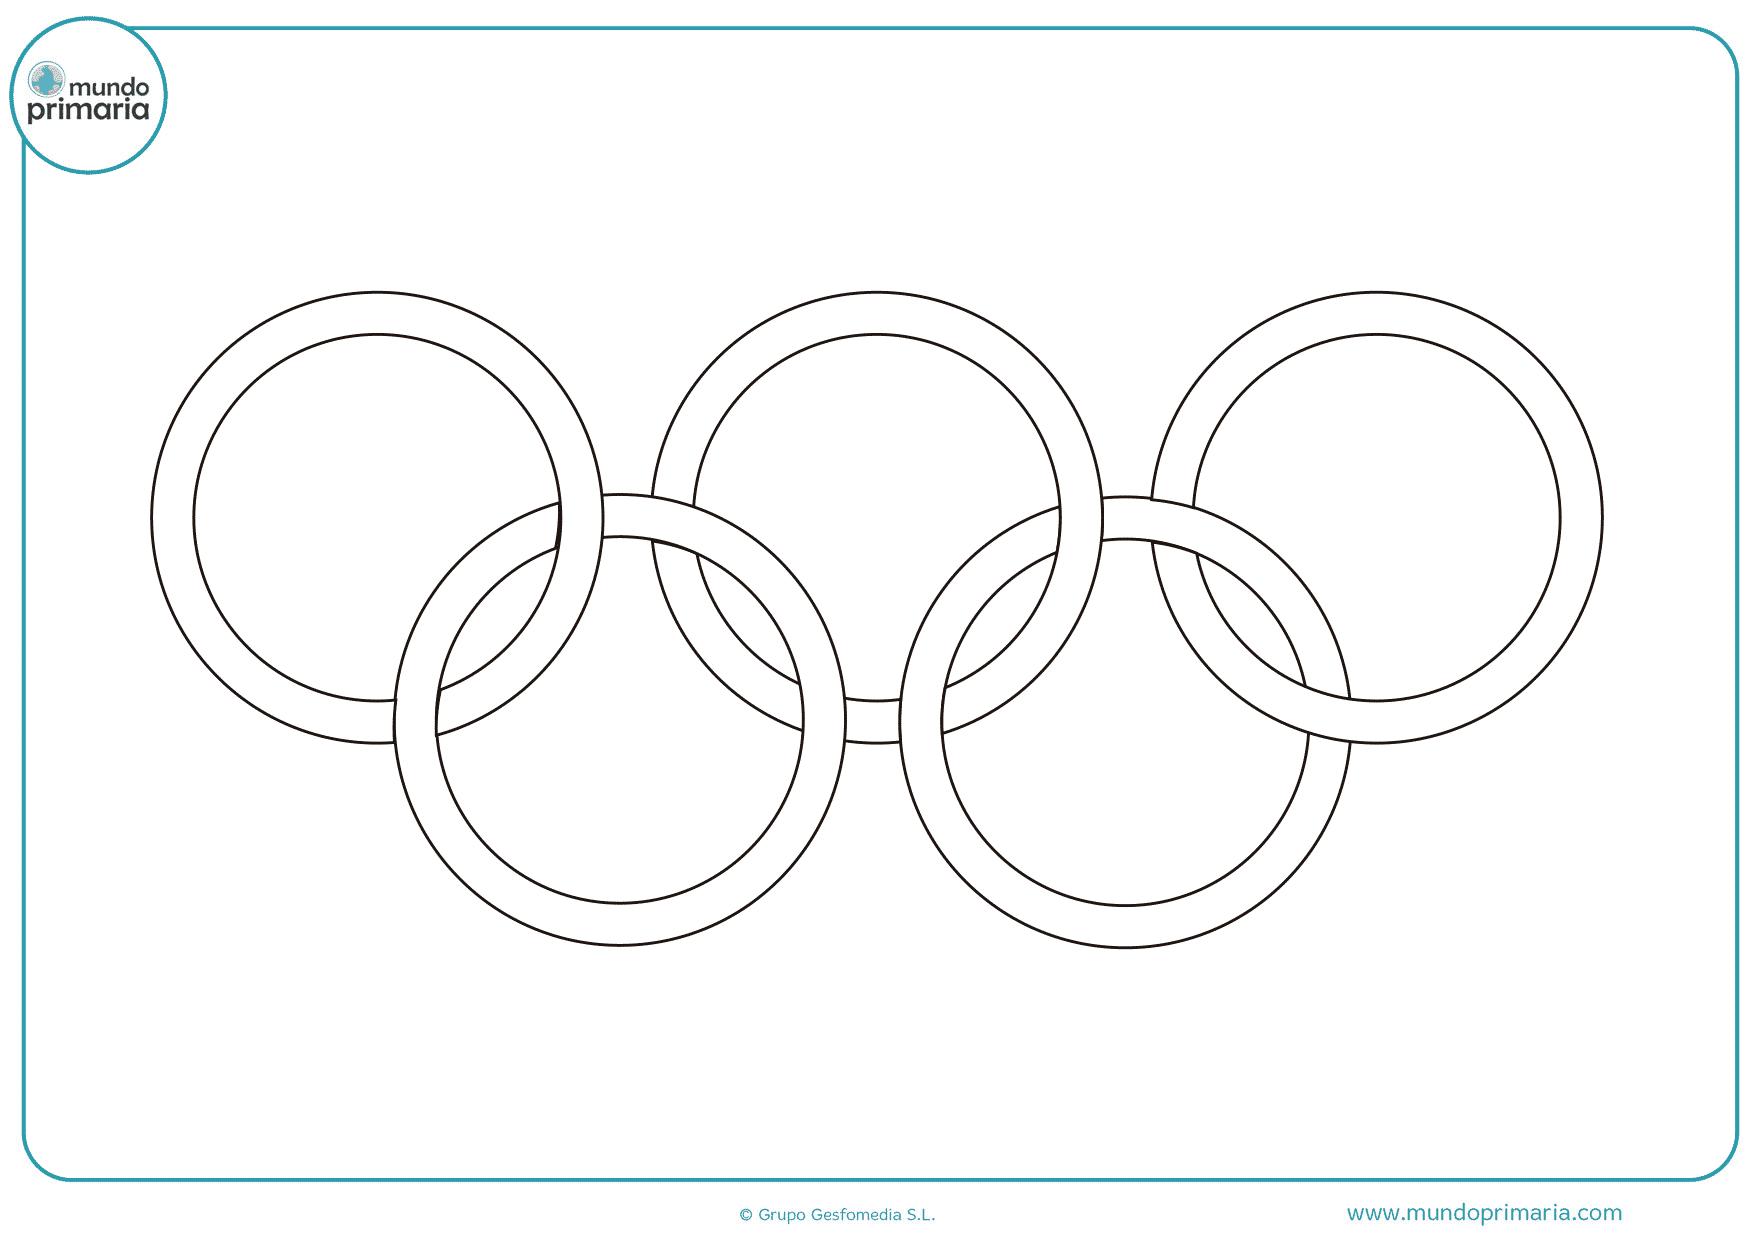 Qué significan los 5 anillos olímpicos? - Mundo Primaria